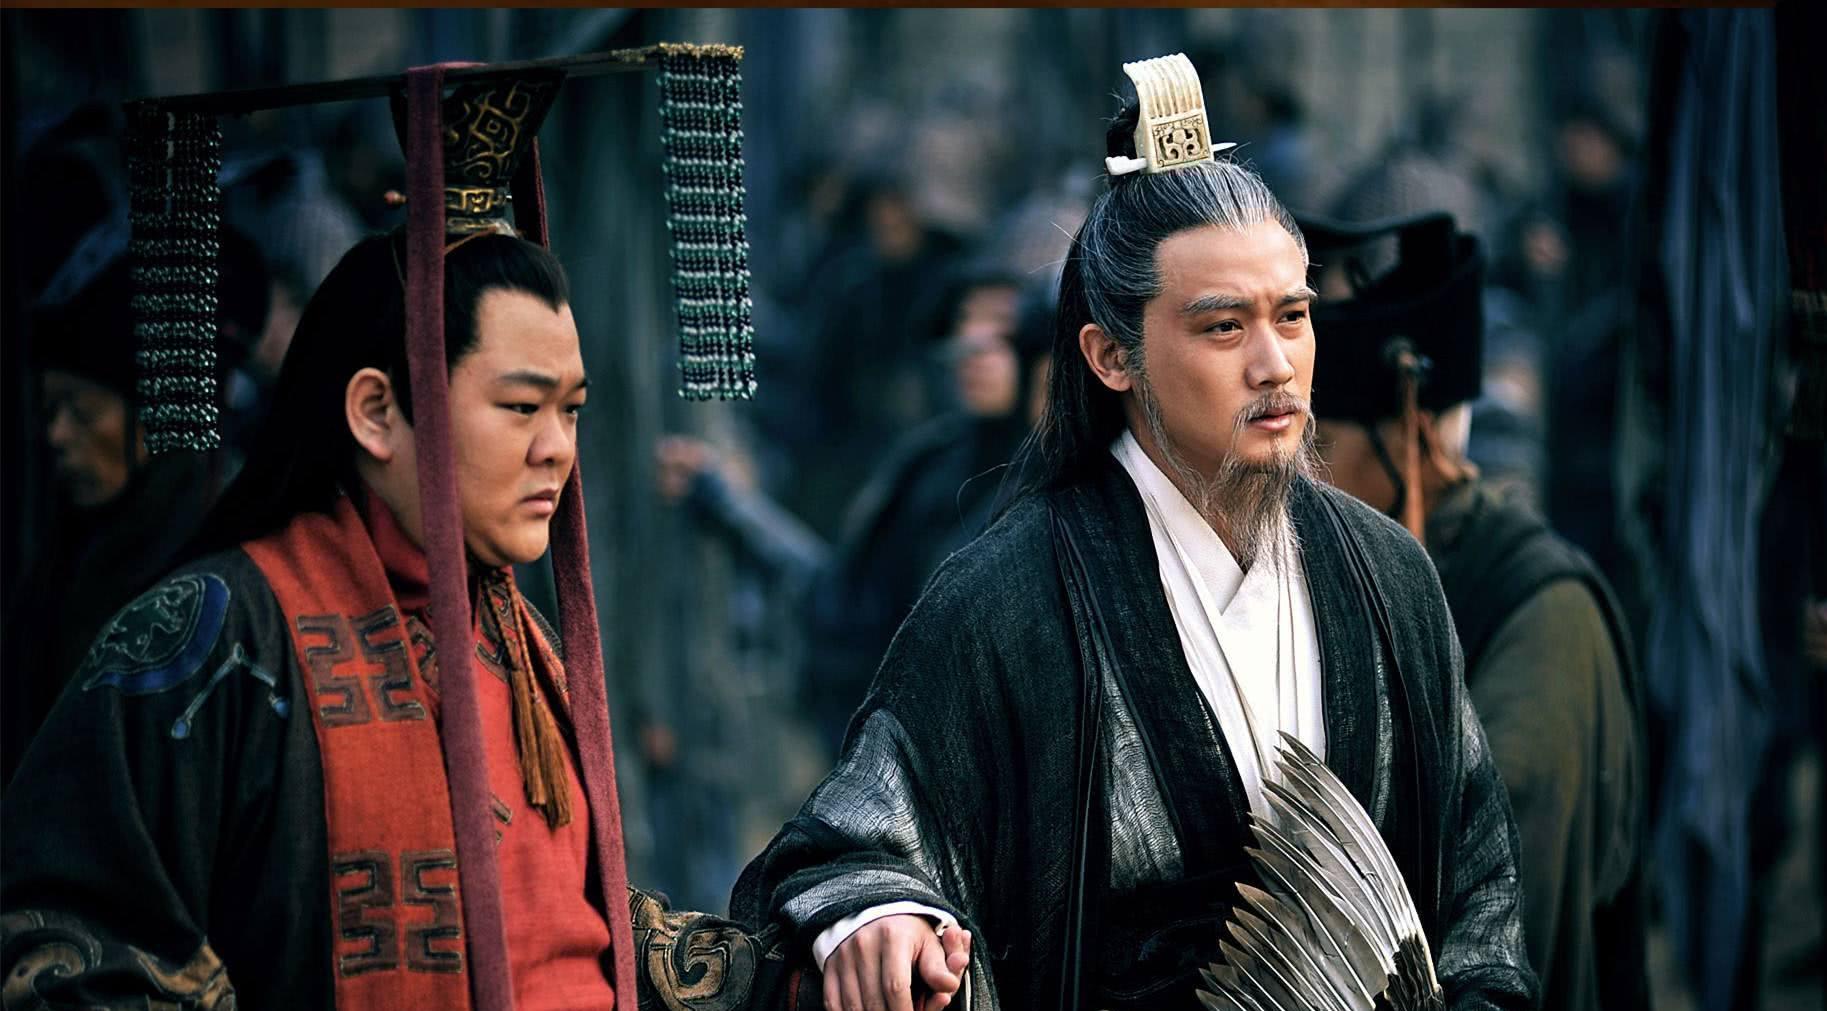 夷陵之战刘备原本稳赚不赔,却不听诸葛亮的建议,输得太冤枉